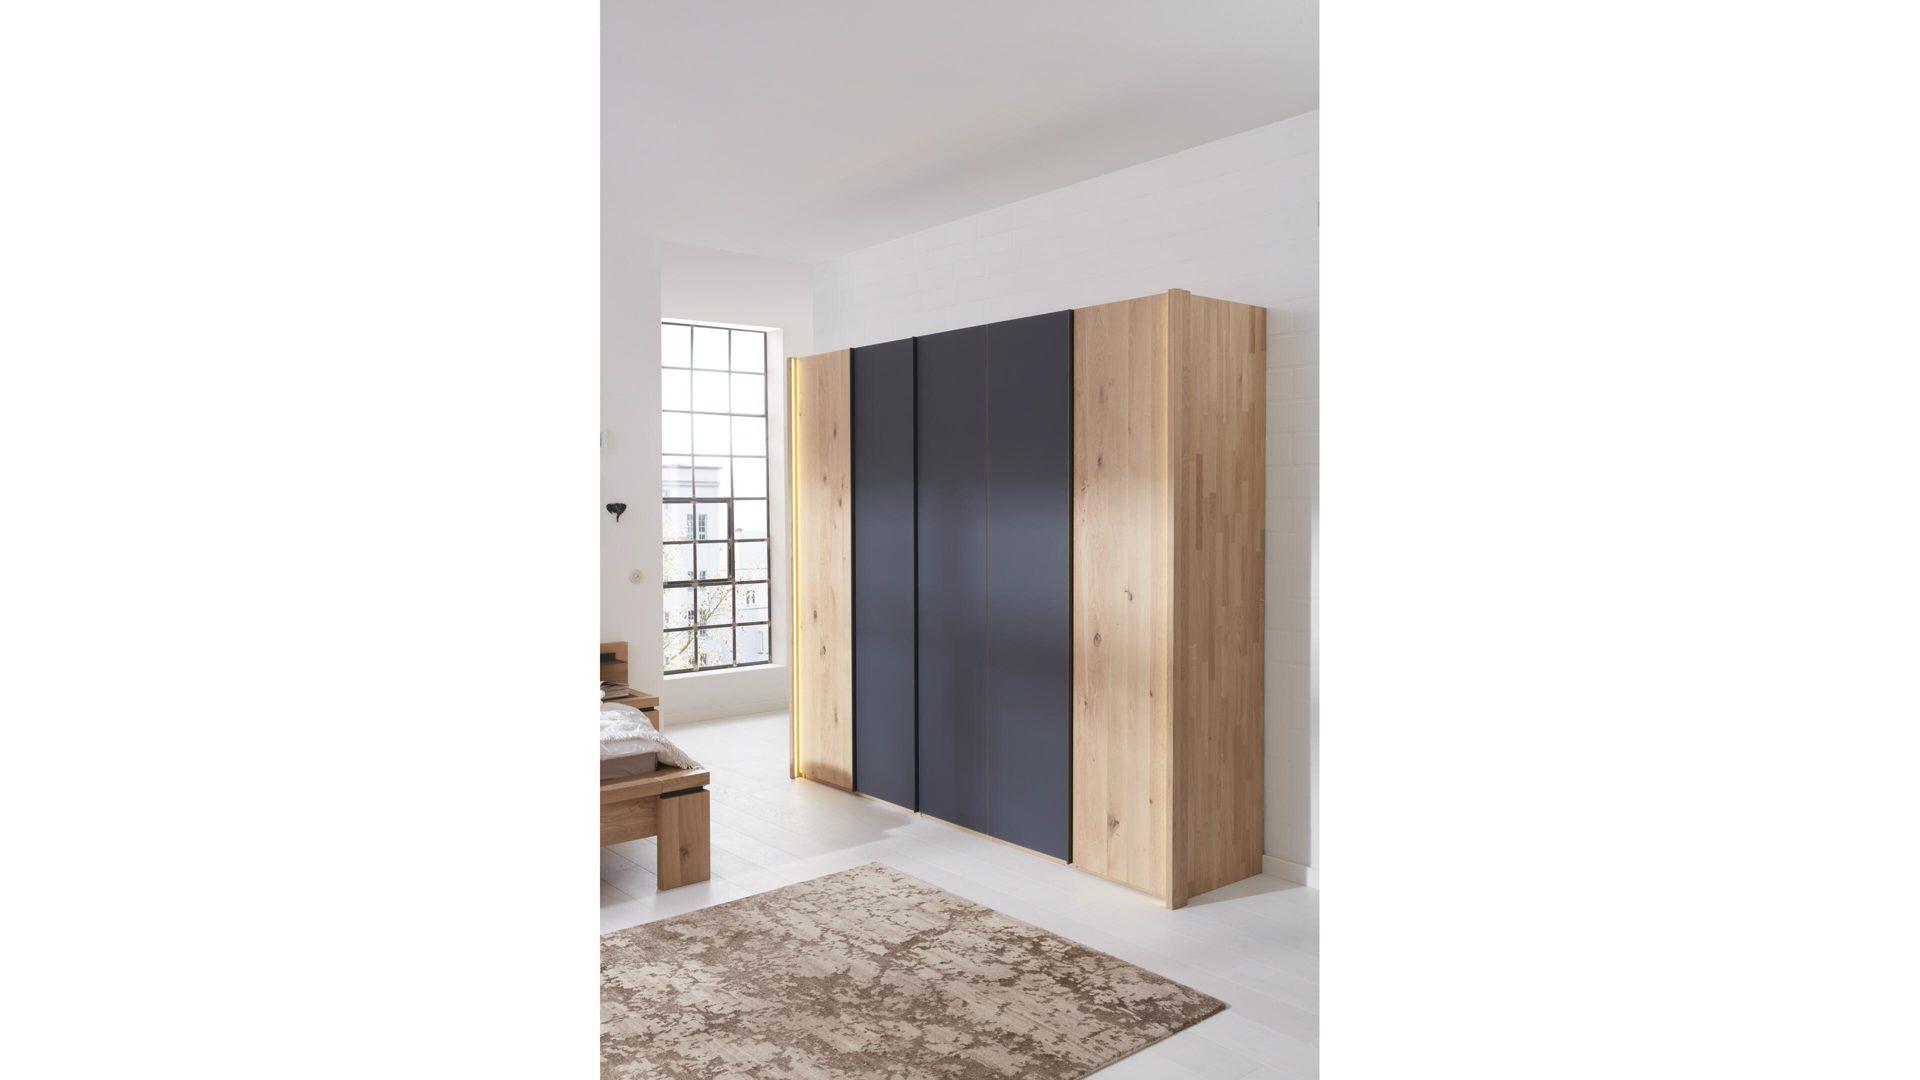 Interliving Schlafzimmer Serie 1005 Kleiderschrank Wildeiche